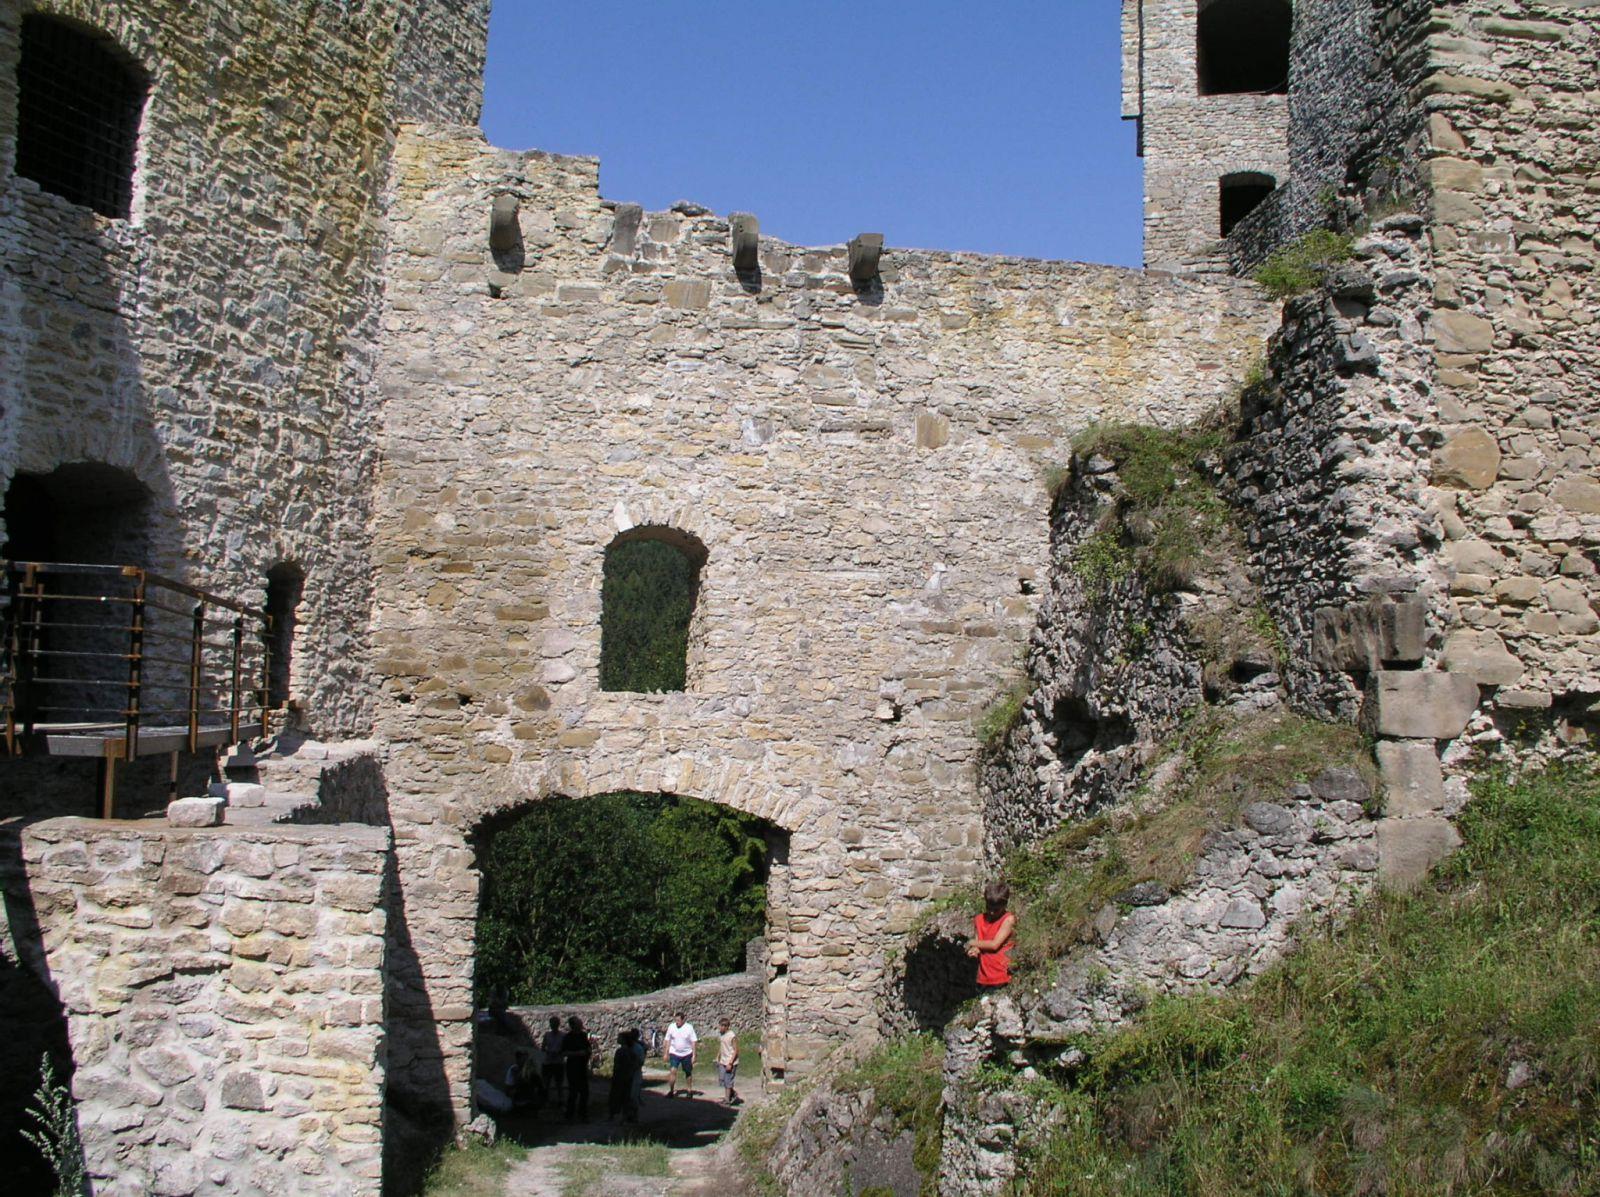 04 08 04 15.16.22 Hrad Likava   pohled Na druhou bránu dolního hradu